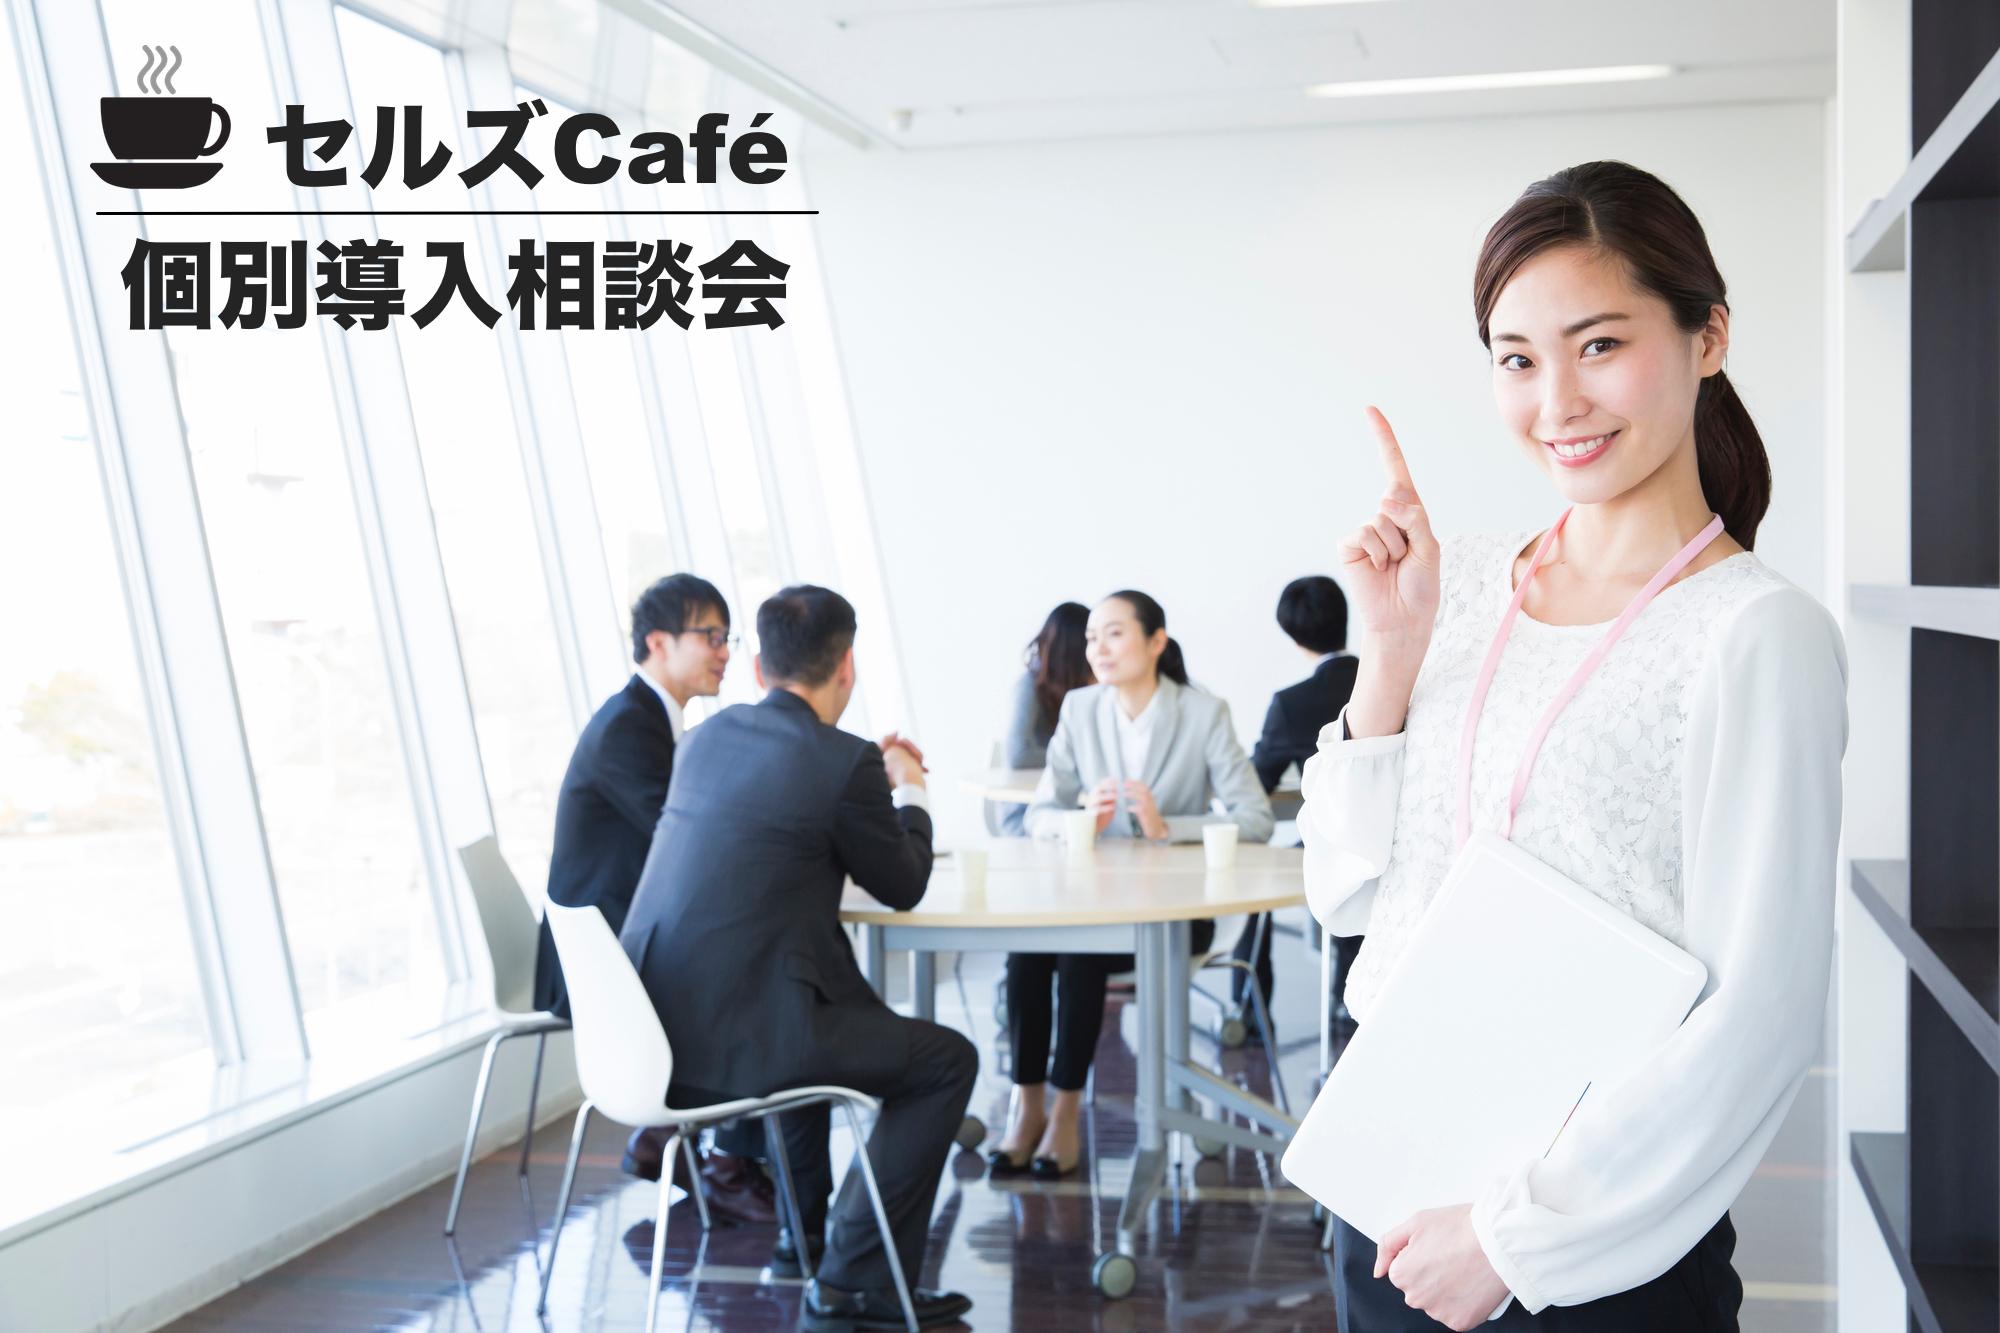 【年内最終!】セルズ Café | 個別導入相談会 【品川店 / 名古屋伏見店】